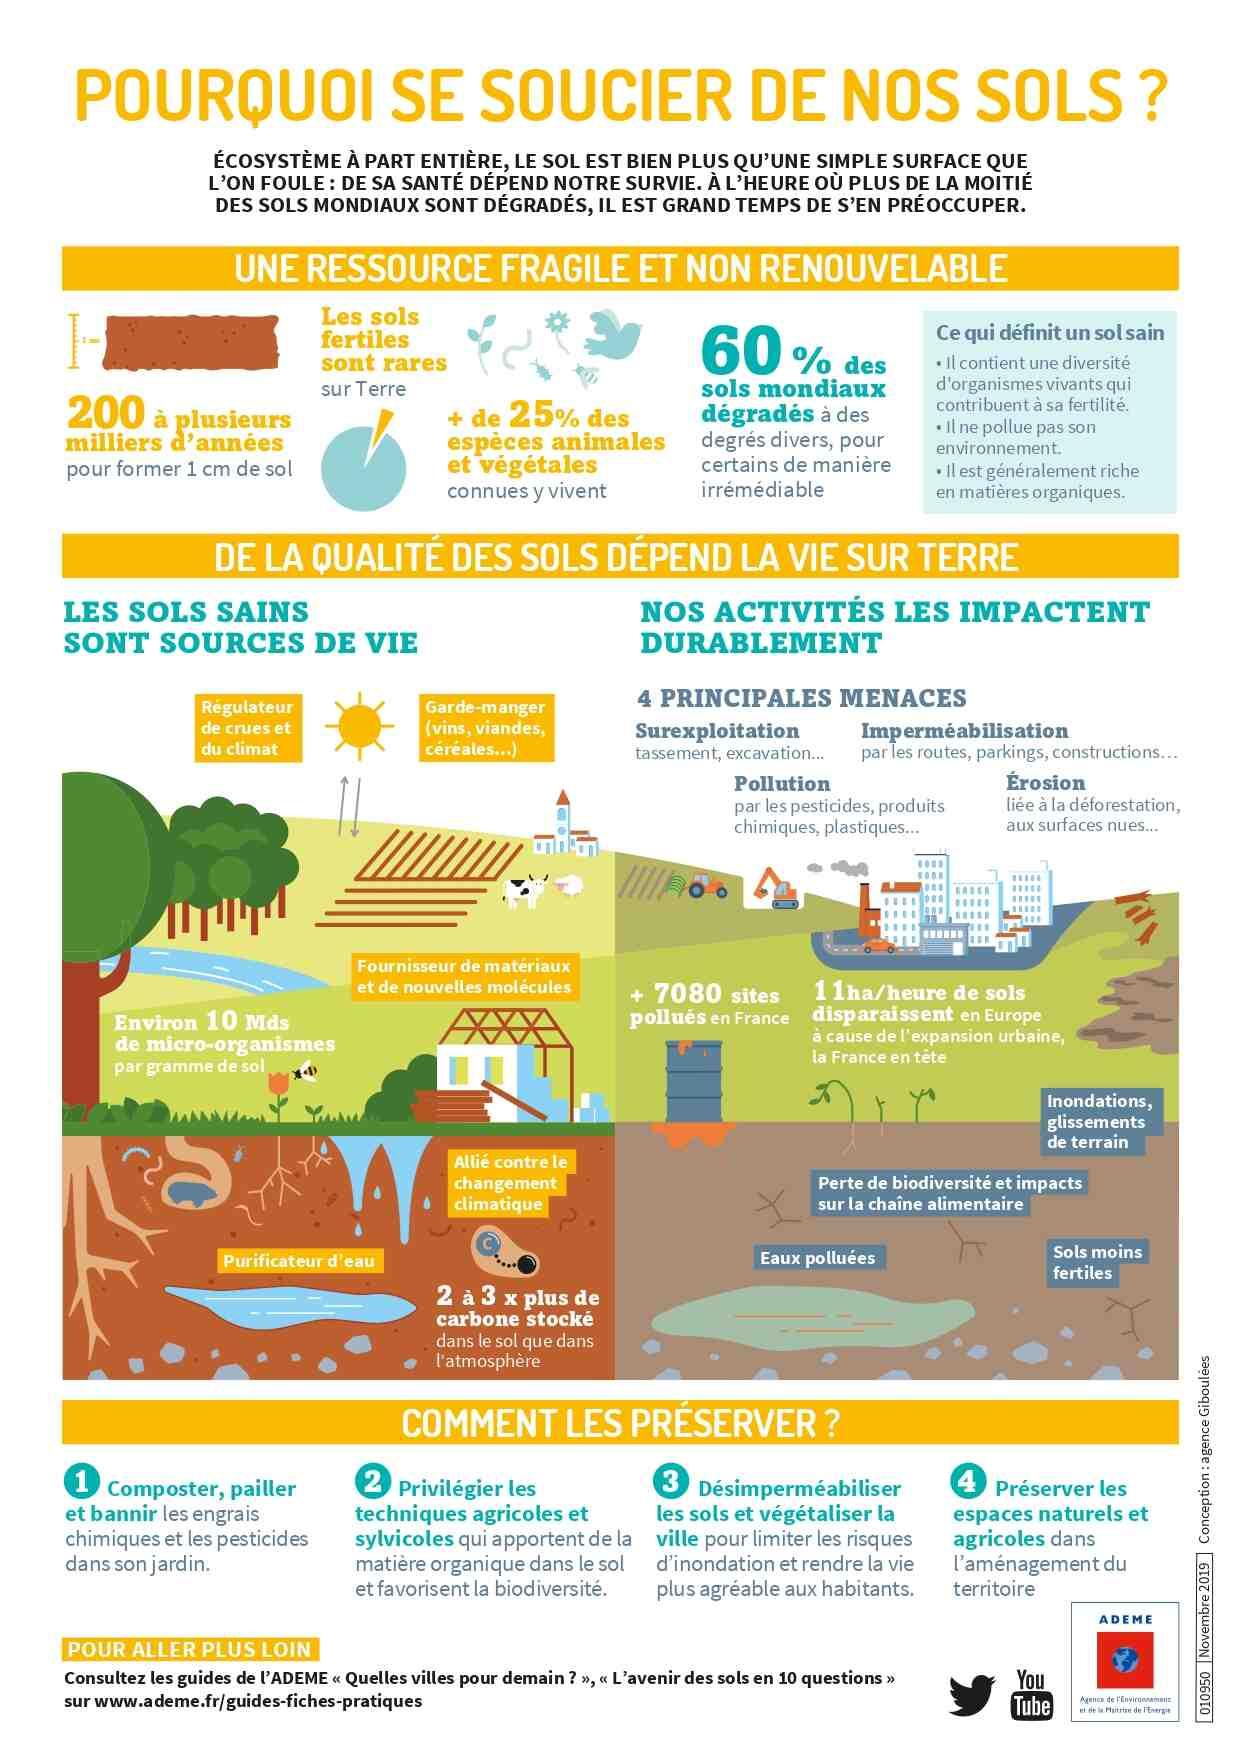 Quelles sont les causes et les conséquences de la perte de biodiversité?